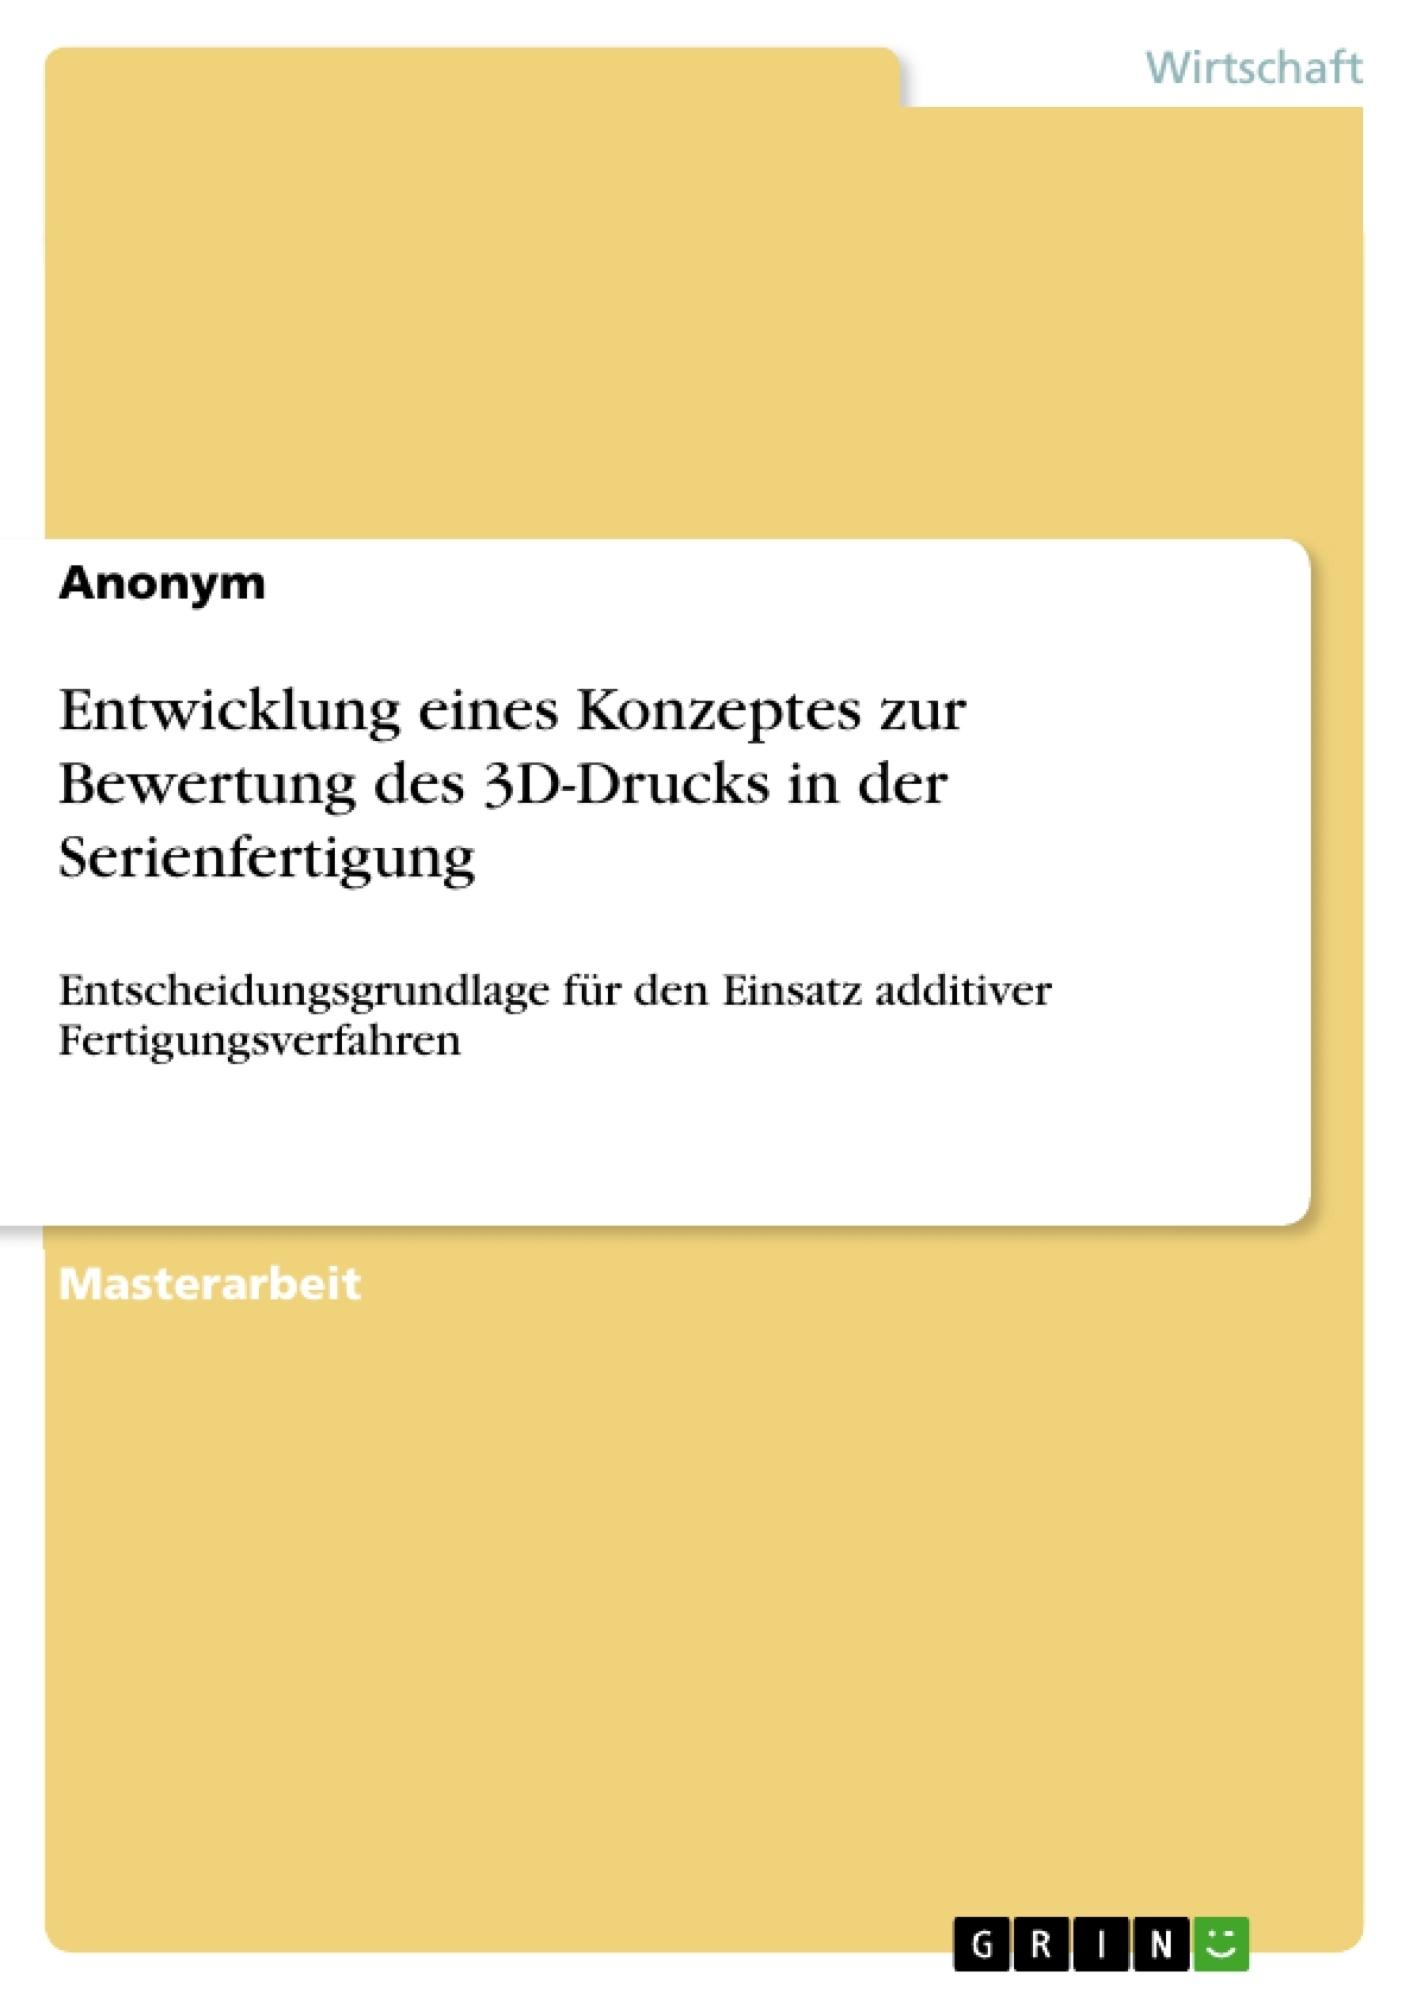 Titel: Entwicklung eines Konzeptes zur Bewertung des 3D-Drucks in der Serienfertigung